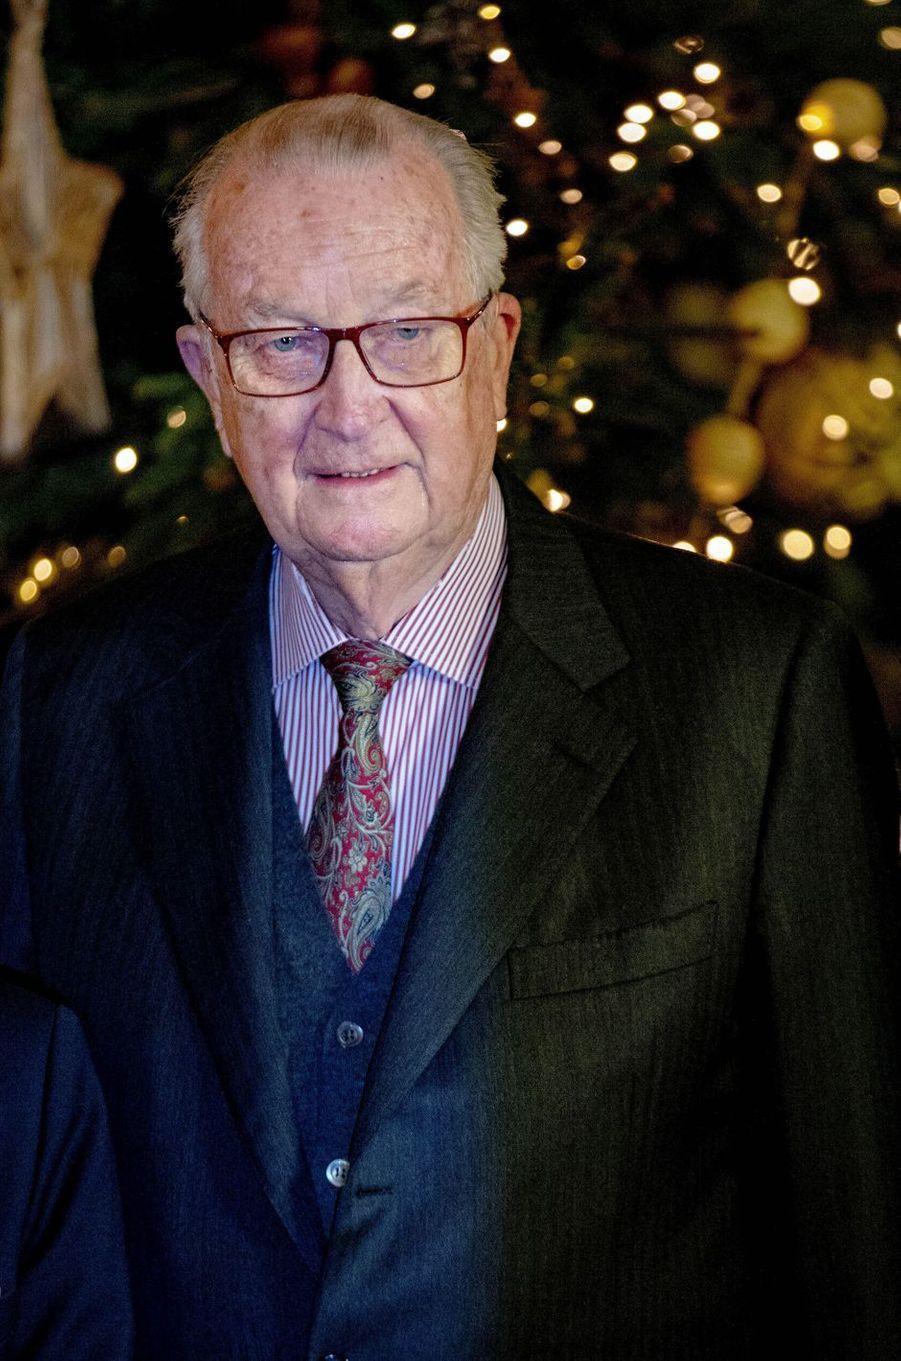 L'ex-roi des Belges Albert II à Bruxelles, le 19 décembre 2018